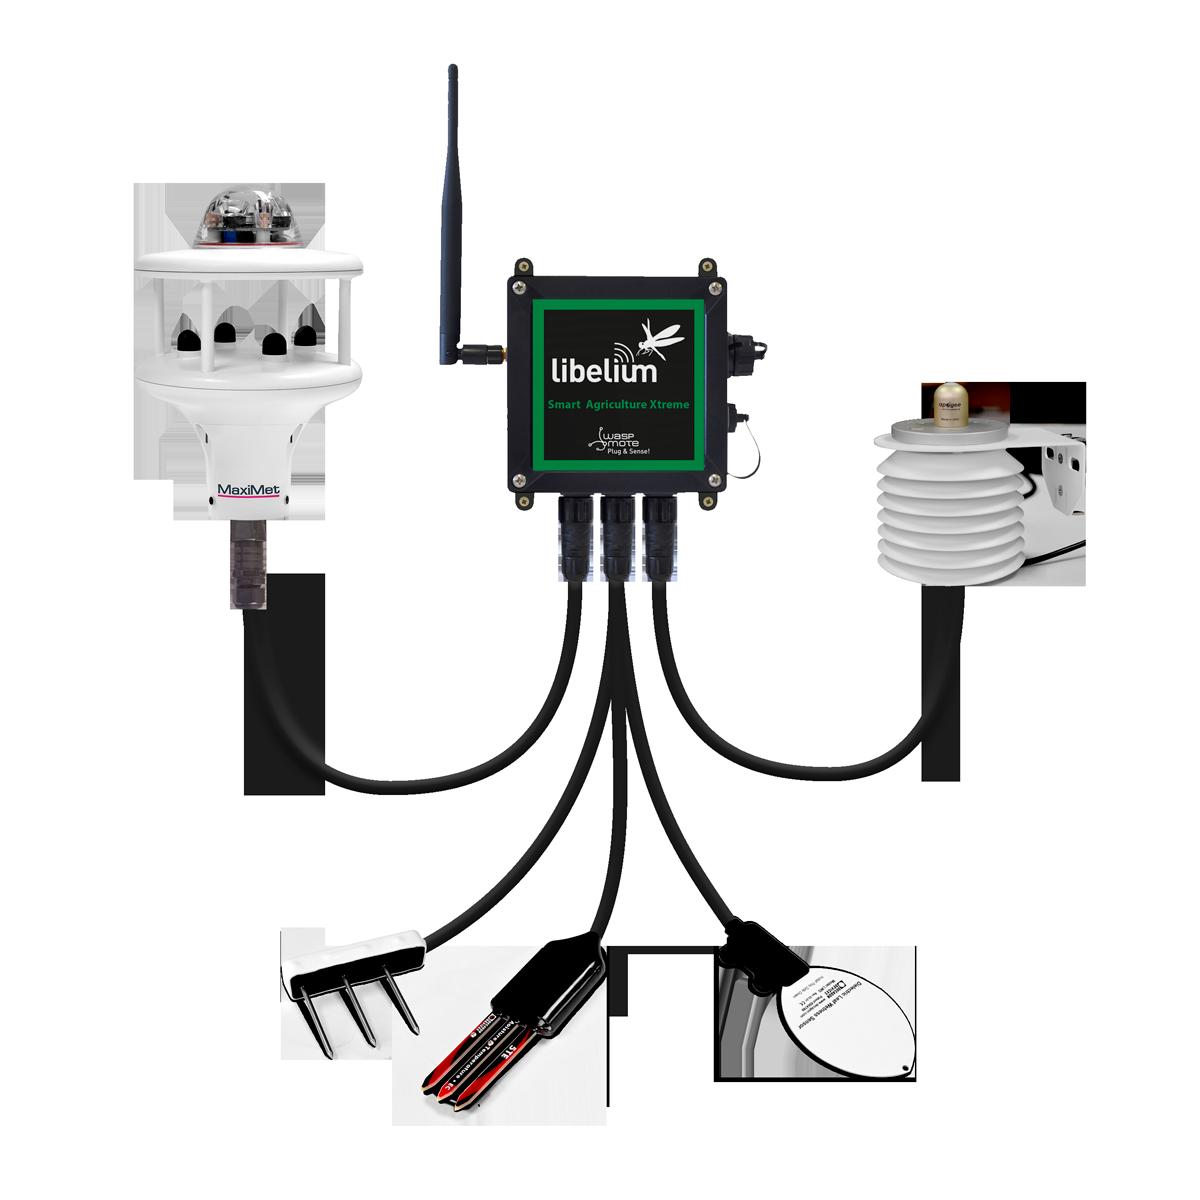 Waspmote Plug & Sense! Smart Agriculture Sensor Node